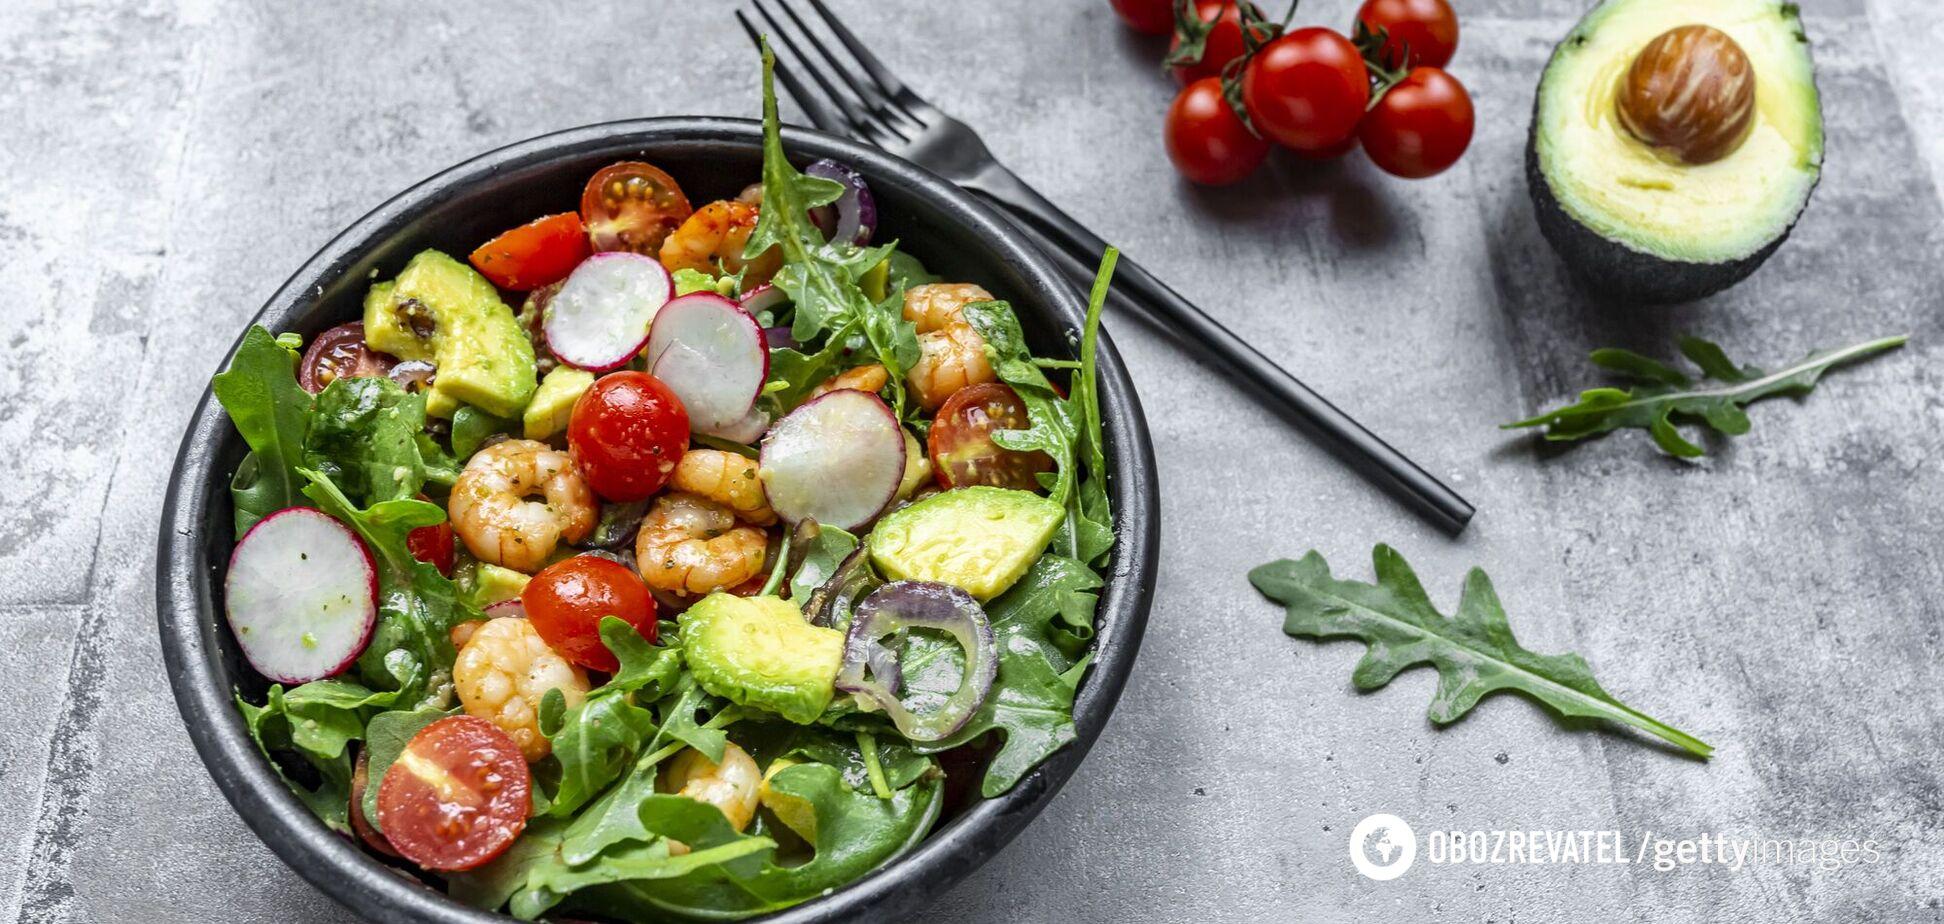 Салат с креветками и авокадо для ужина